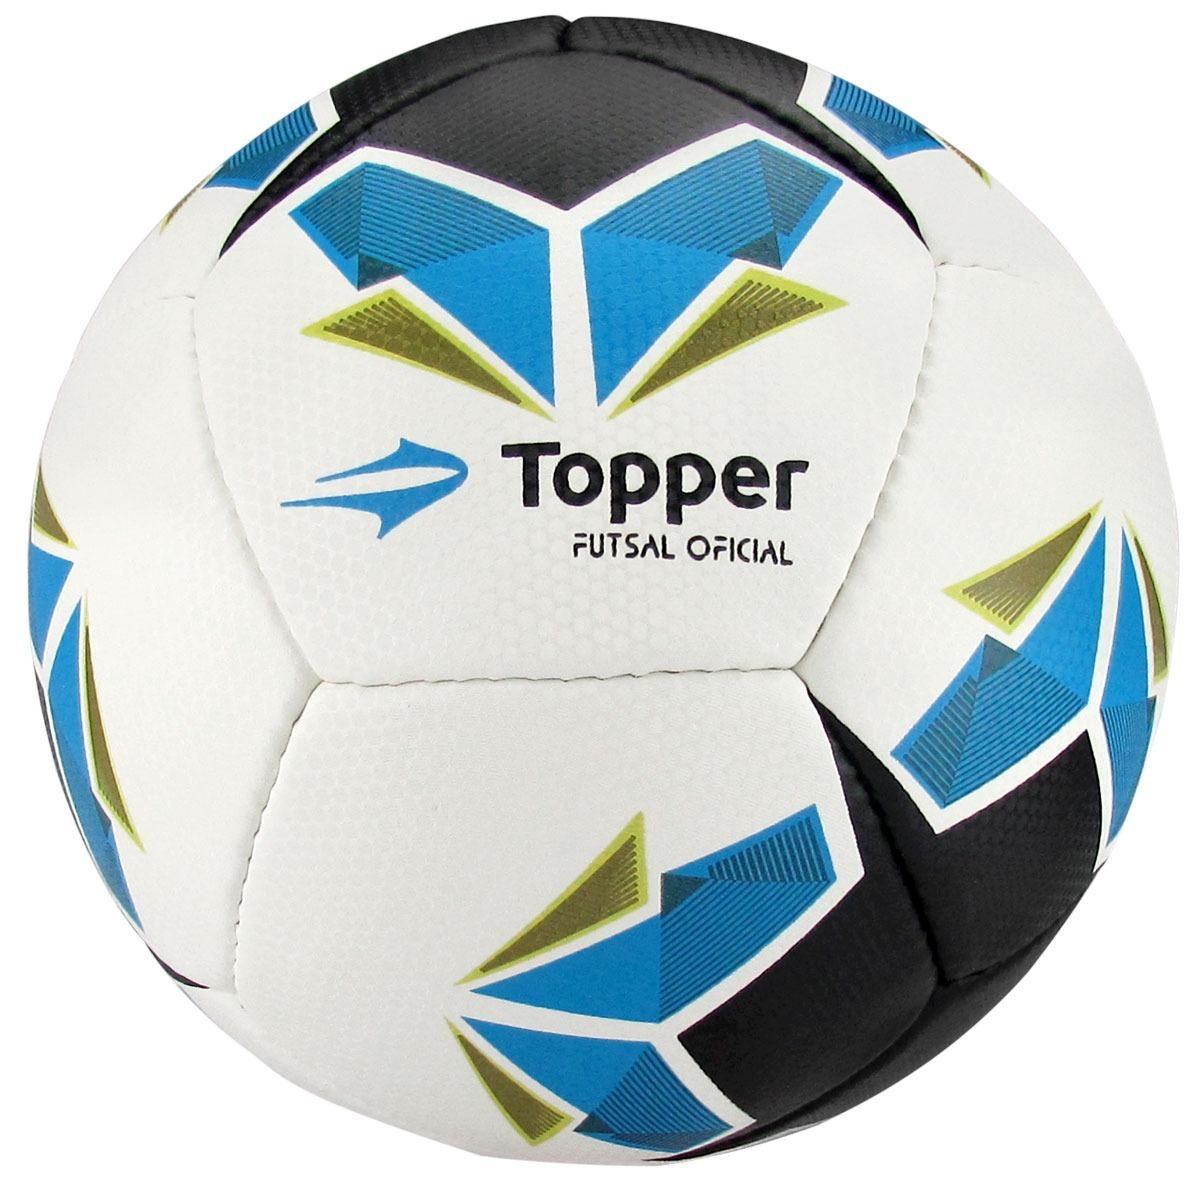 bola seleção br 4 futsal topper - 4133809. Carregando zoom. 6e07d9aba692e